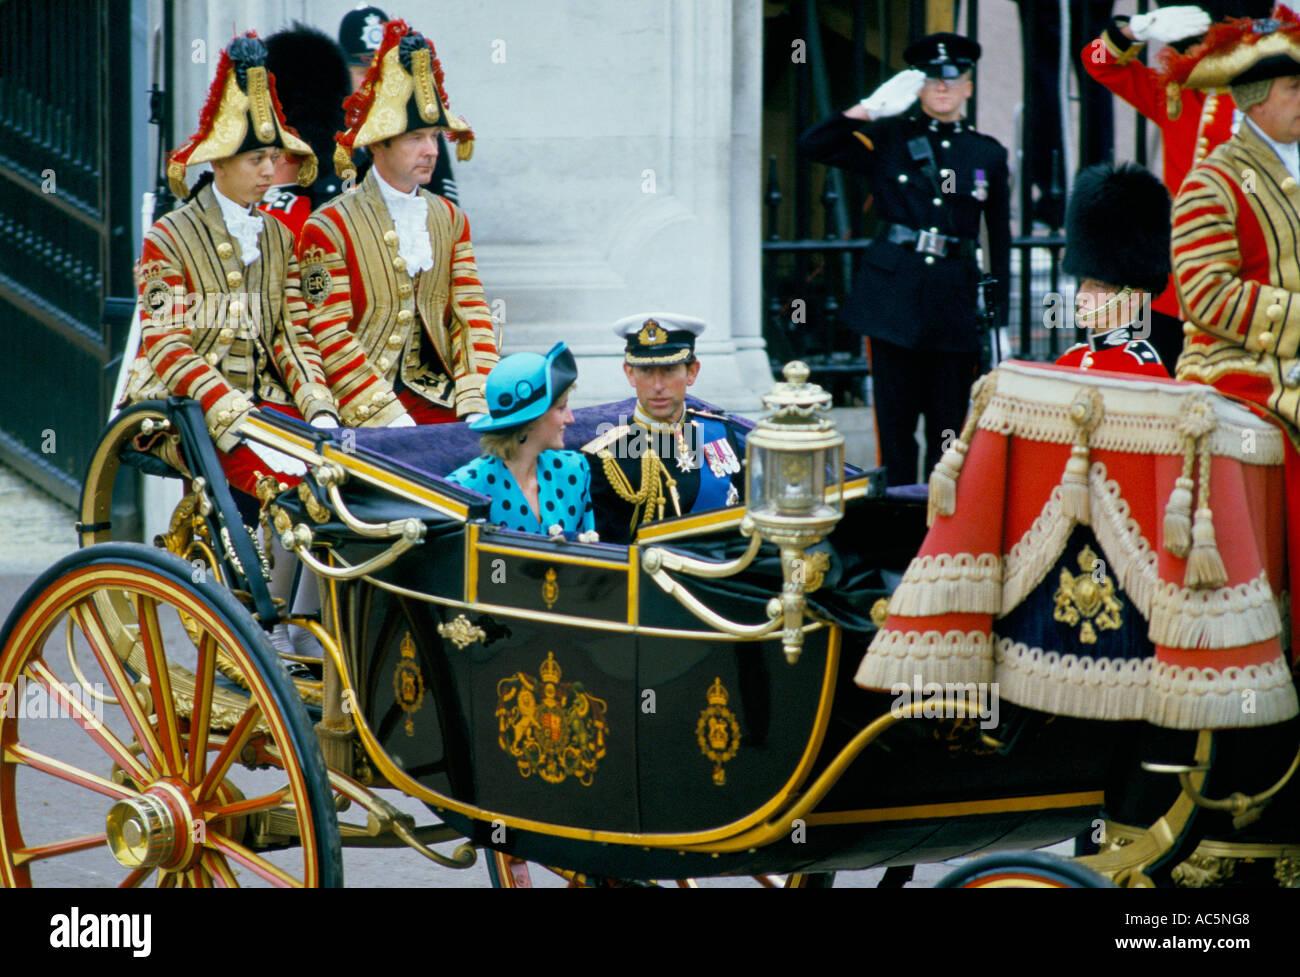 Le Prince Charles la princesse Diana sur chariot au Prince Andrew s Mariage Royal La Pomp Banque D'Images